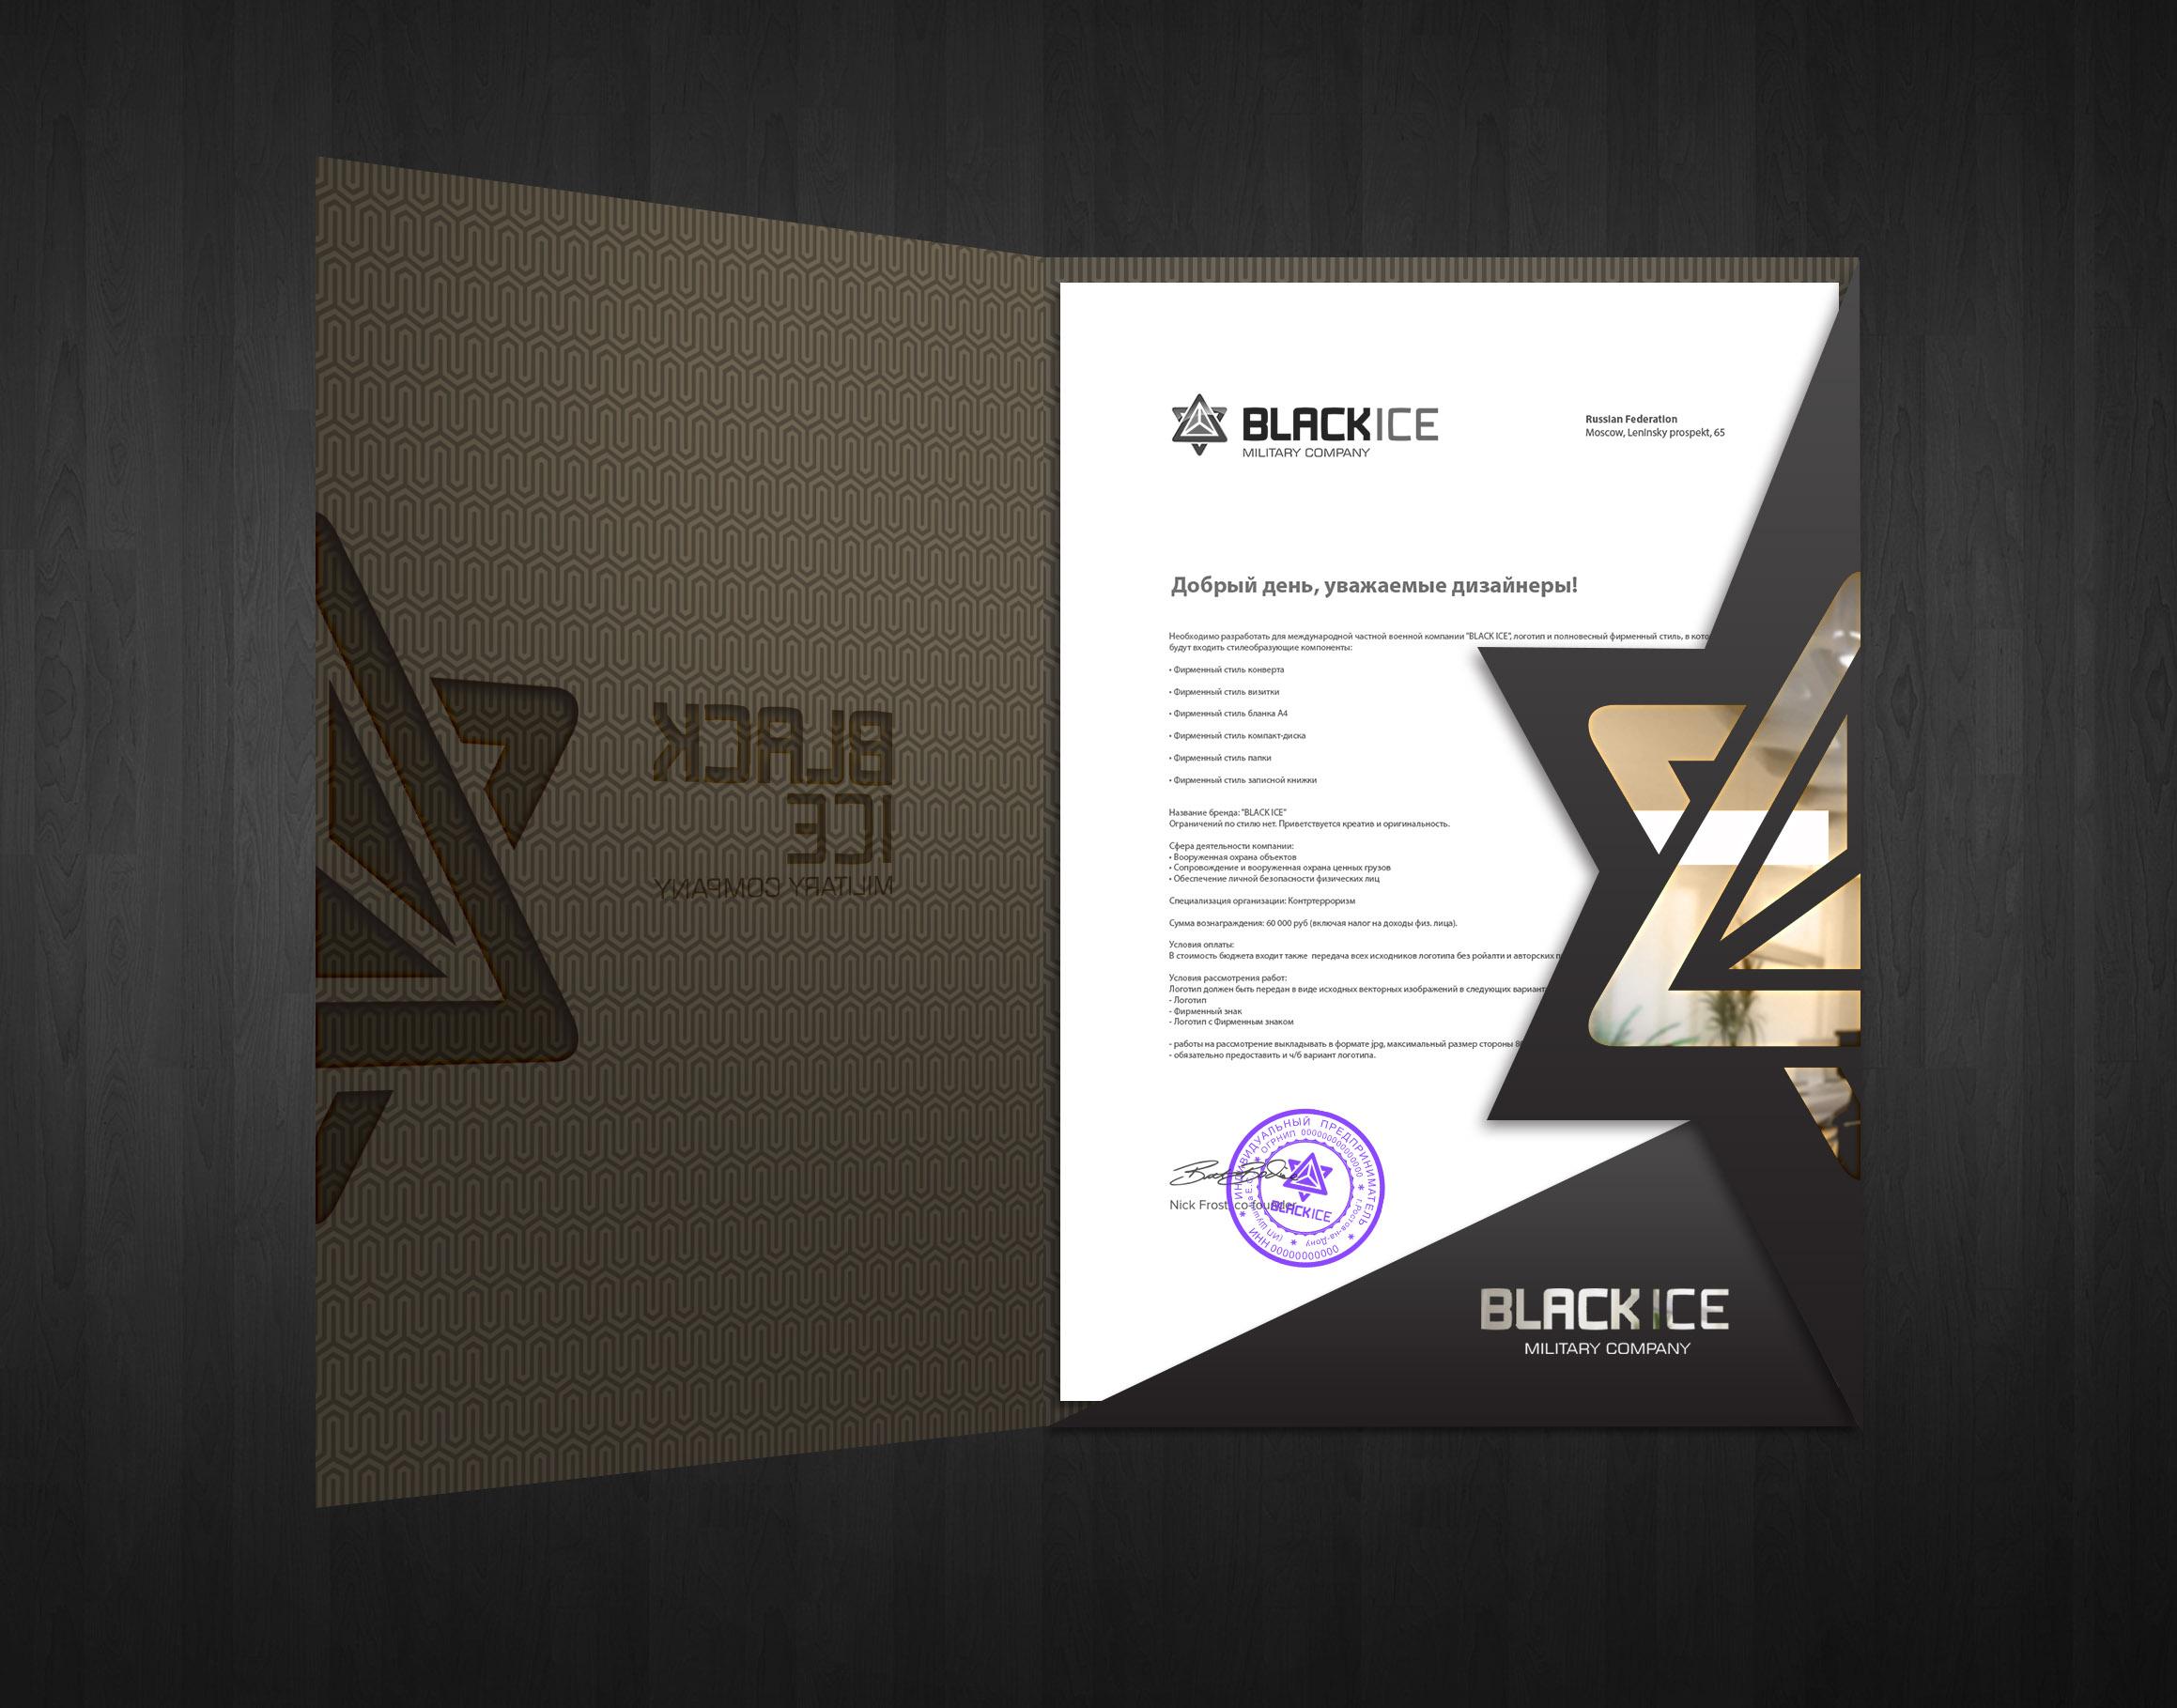 """Логотип + Фирменный стиль для компании """"BLACK ICE"""" фото f_70056e54d995d67d.jpg"""